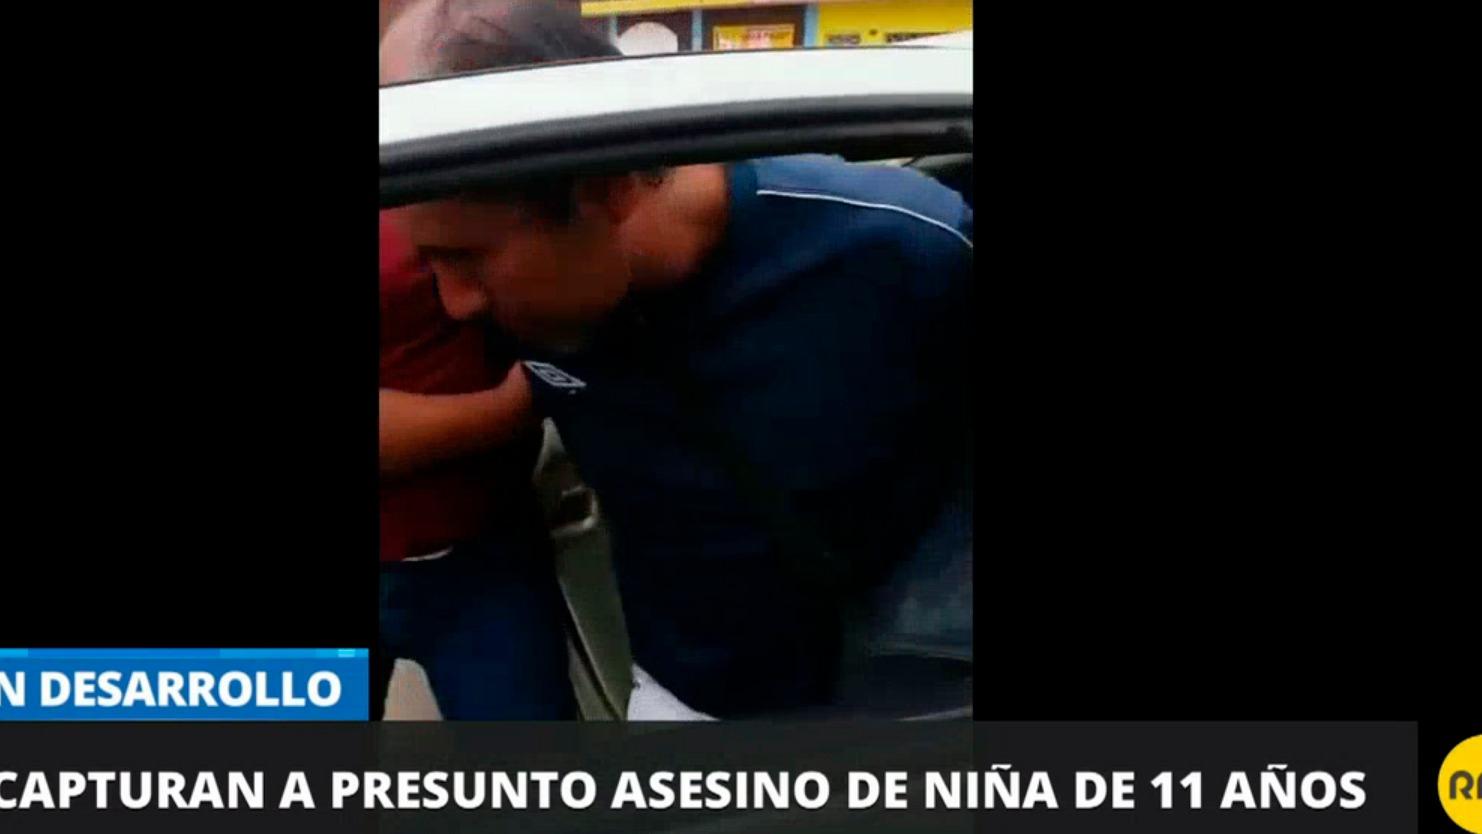 Capturan a presunto asesino de niña de 11 años